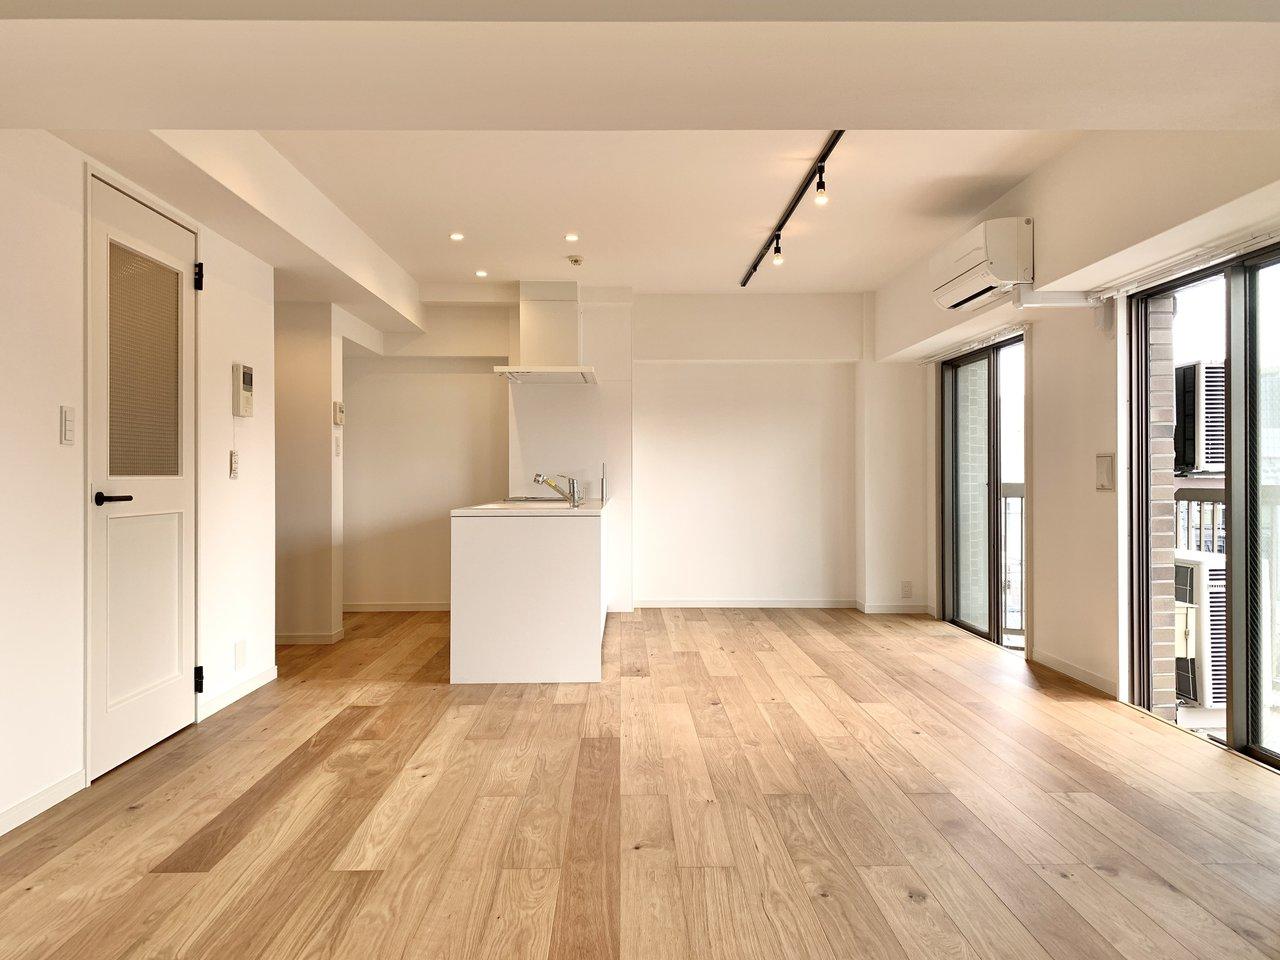 福岡・薬院のヴィンテージマンション。メリハリのある暮らしが実現できそうな80㎡超えのリノベーションルームが誕生です